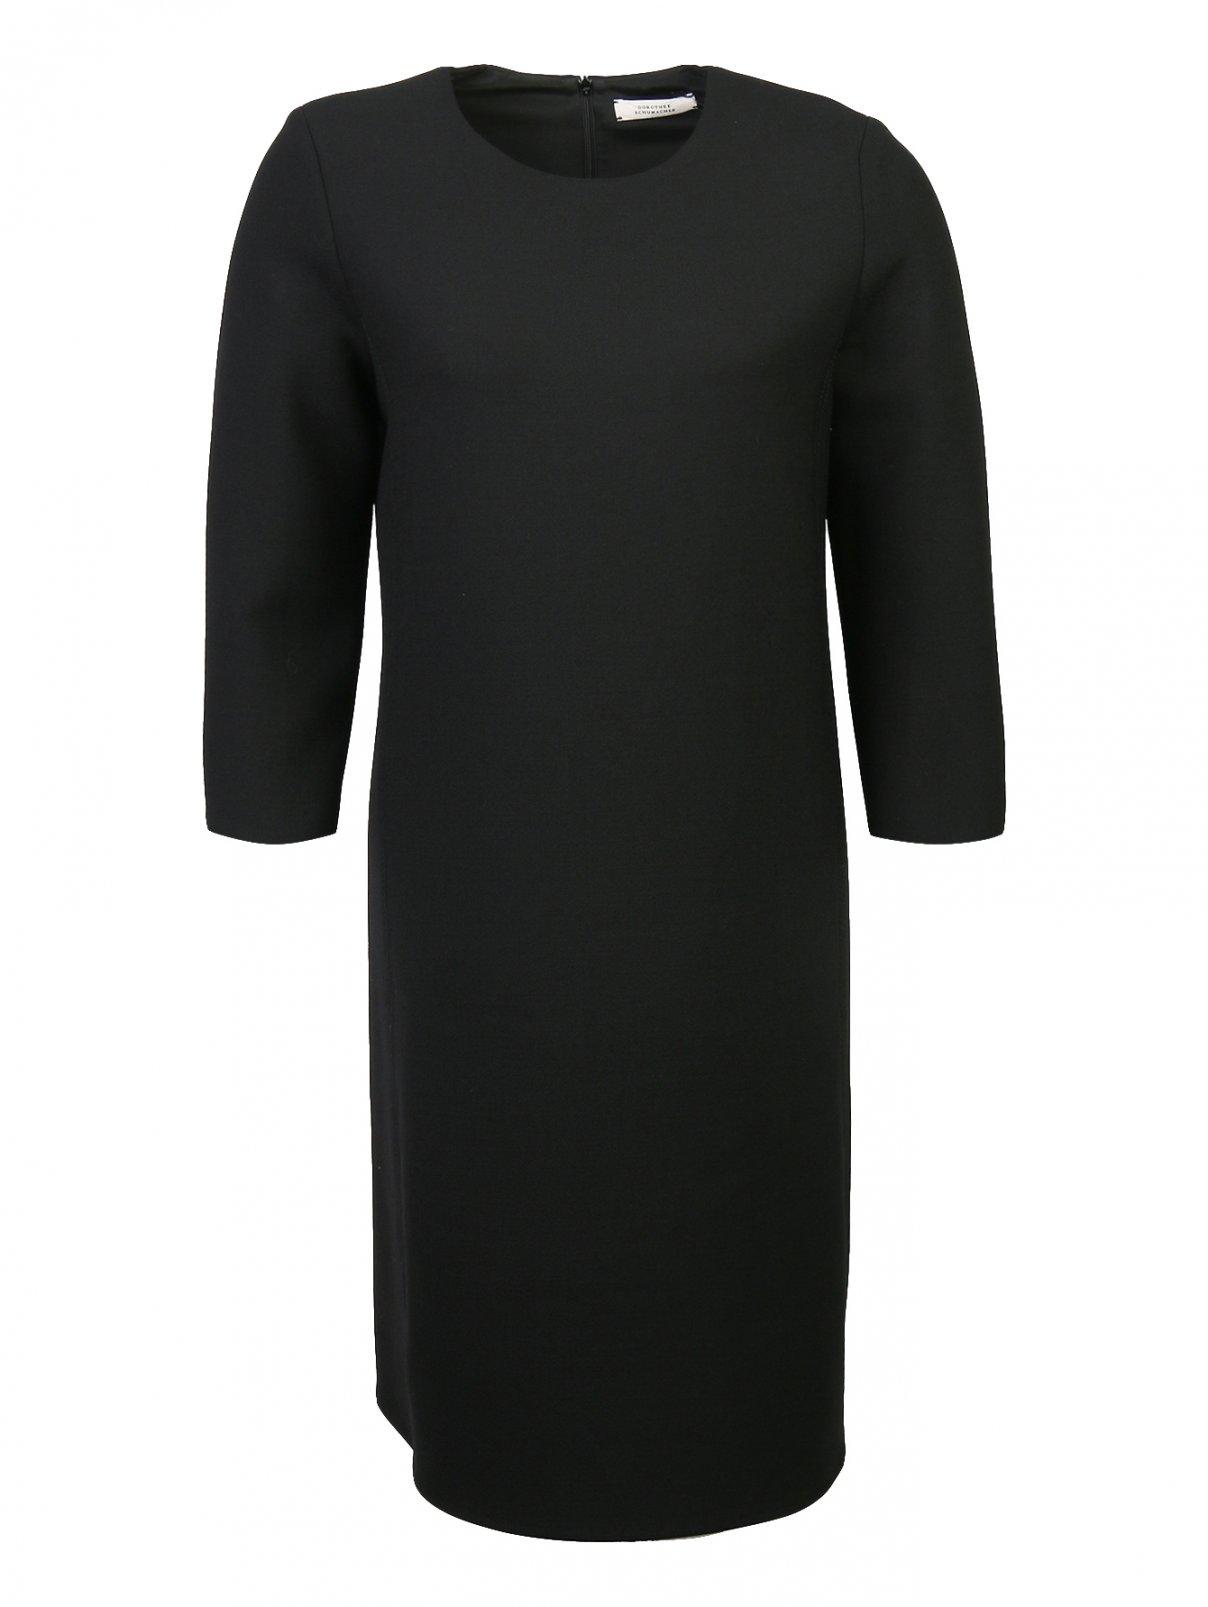 Платье из смешанной шерсти с рукавами 3/4 Dorothee Schumacher  –  Общий вид